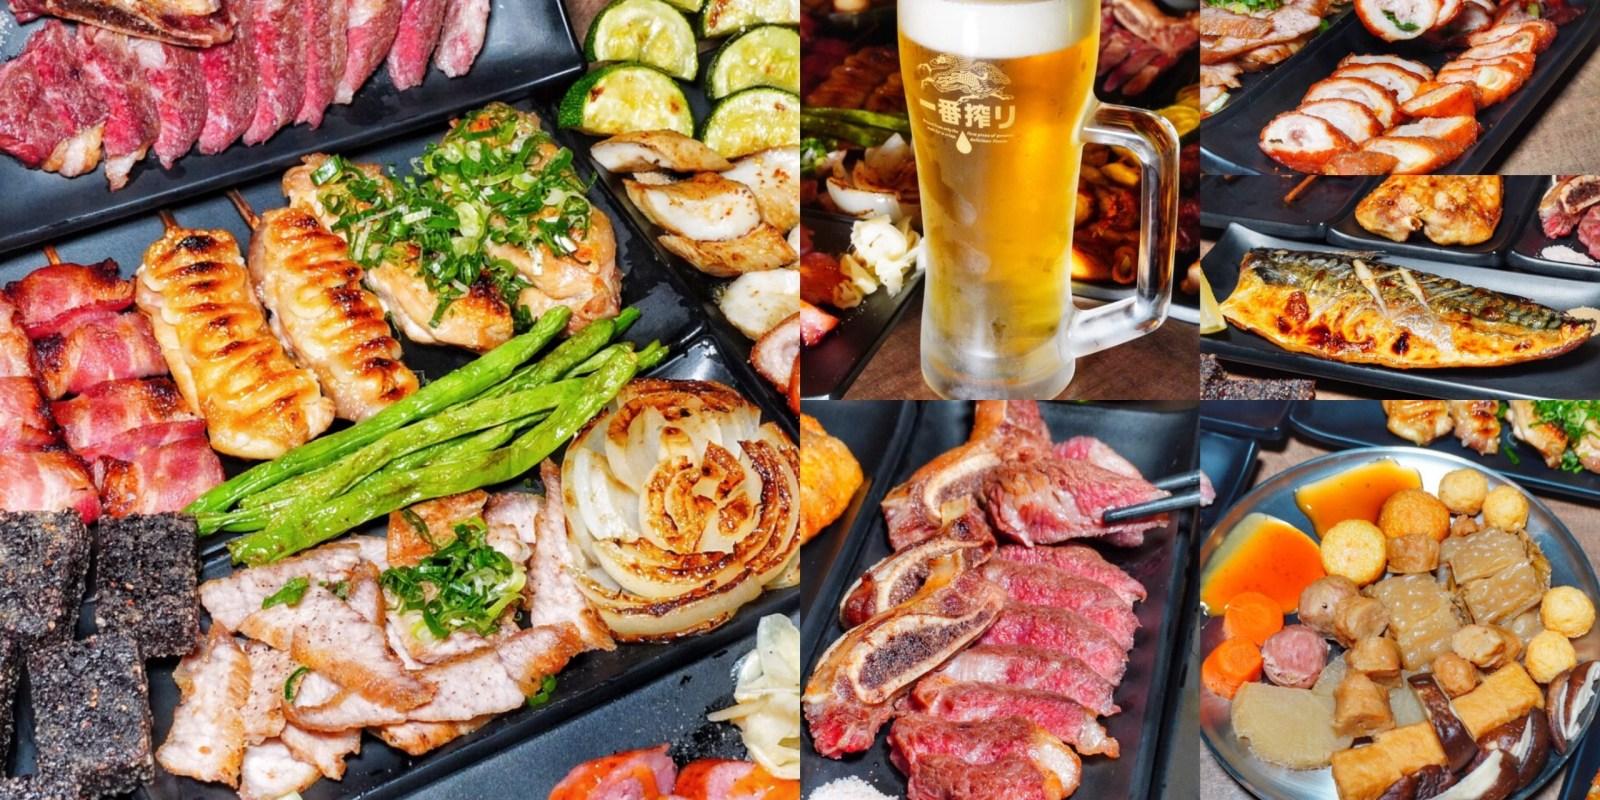 【台南宵夜】台南厲害的燒烤店「黑市燒烤」啤酒買一送一/滿百就送炸豬排 還有賣關東煮 宵夜喝酒新選擇